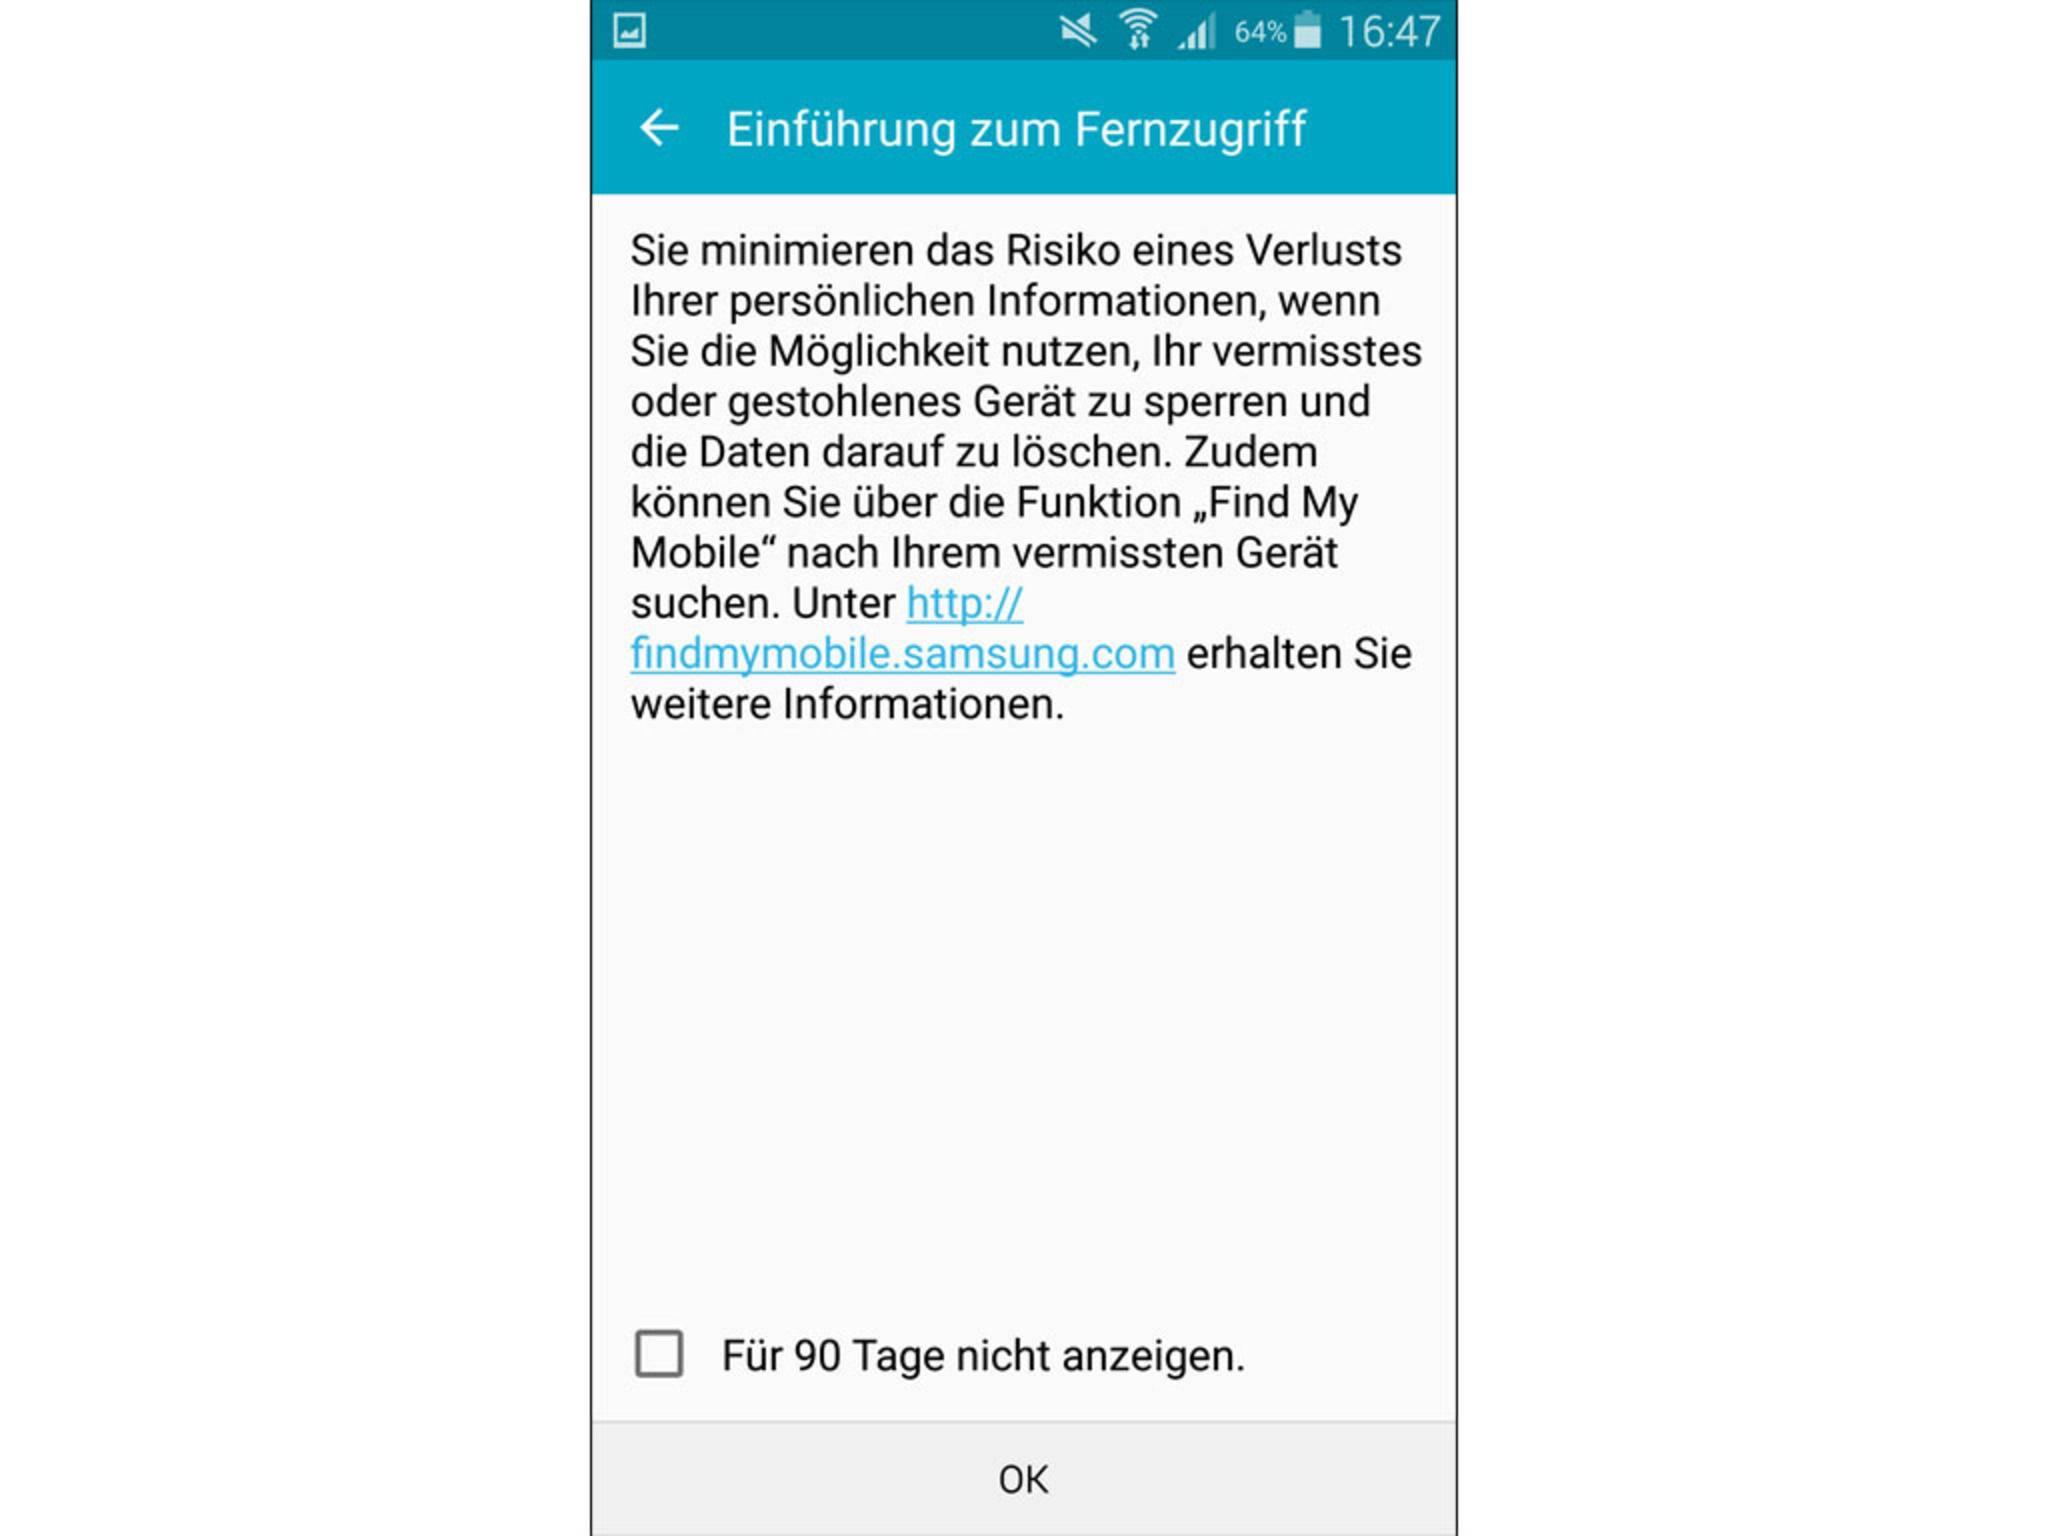 Samsung Galaxy S5 orten Fernzugriff einrichten 3